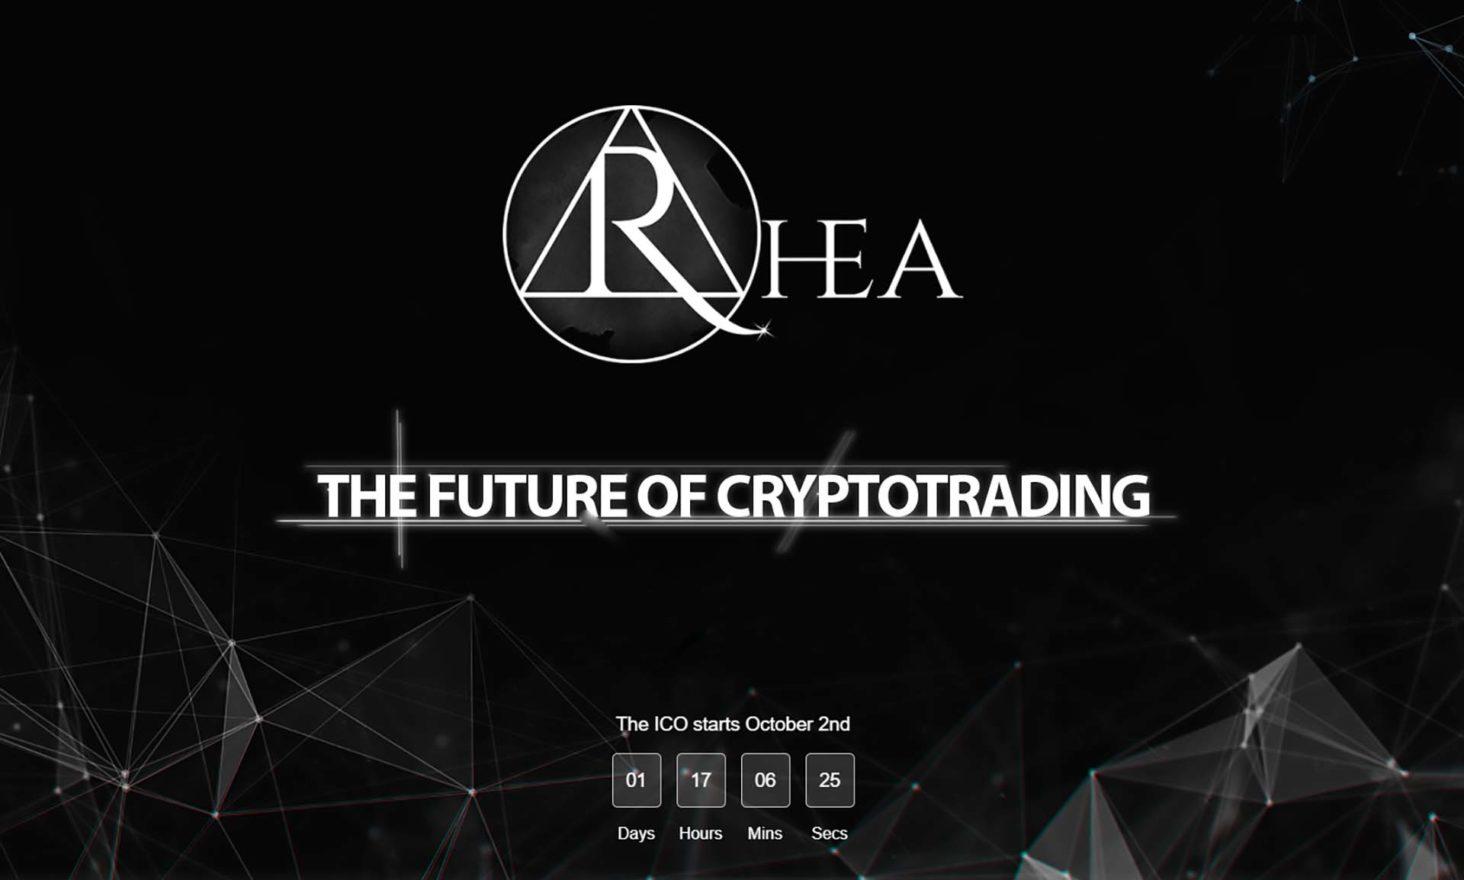 Countdown to the Rhea ICO